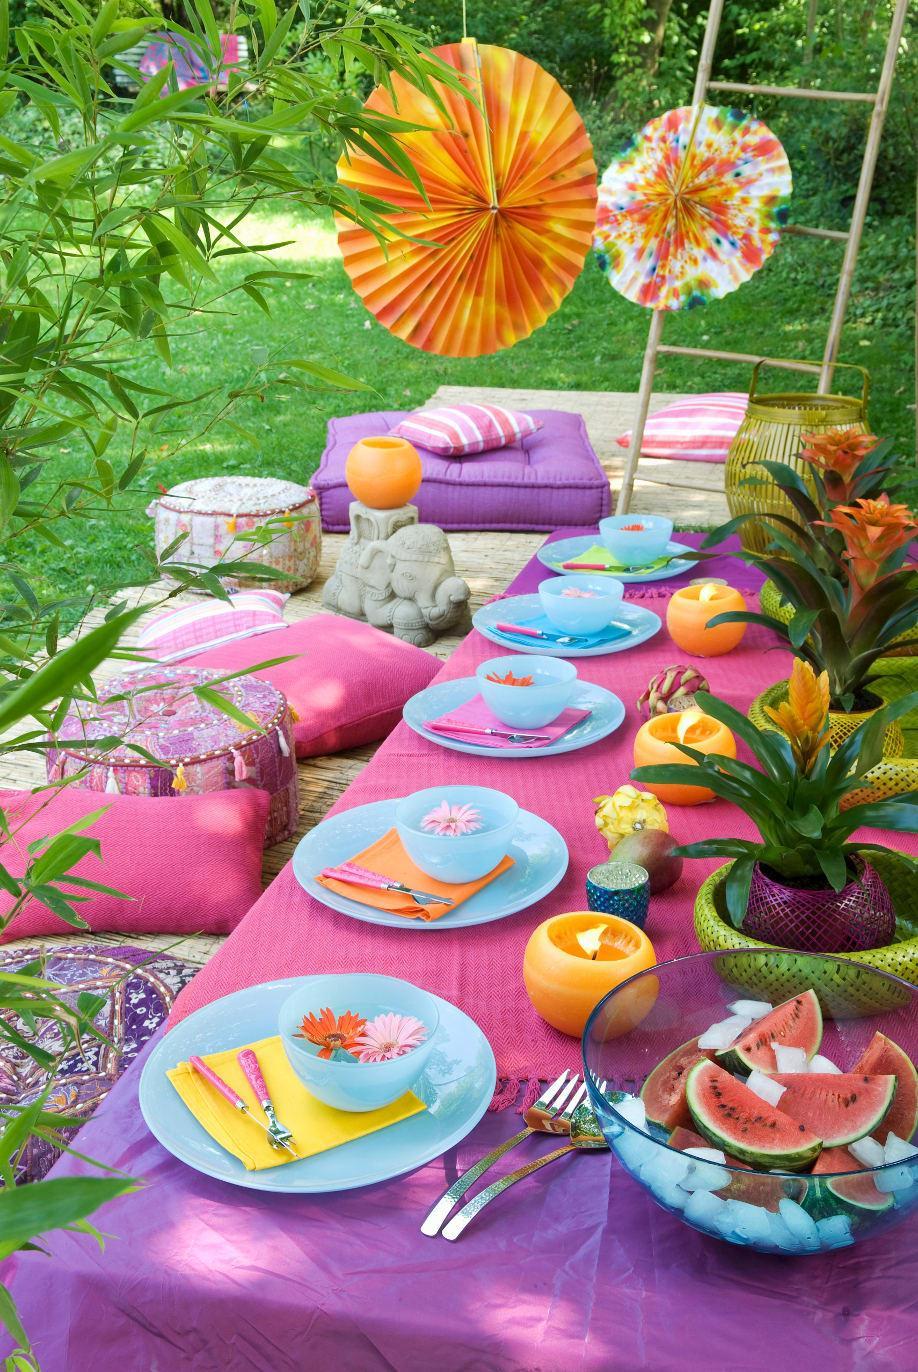 Dalani, Summer Party, Cocktail, Consigli, Decorazioni, Estate, Food, Summer, Party